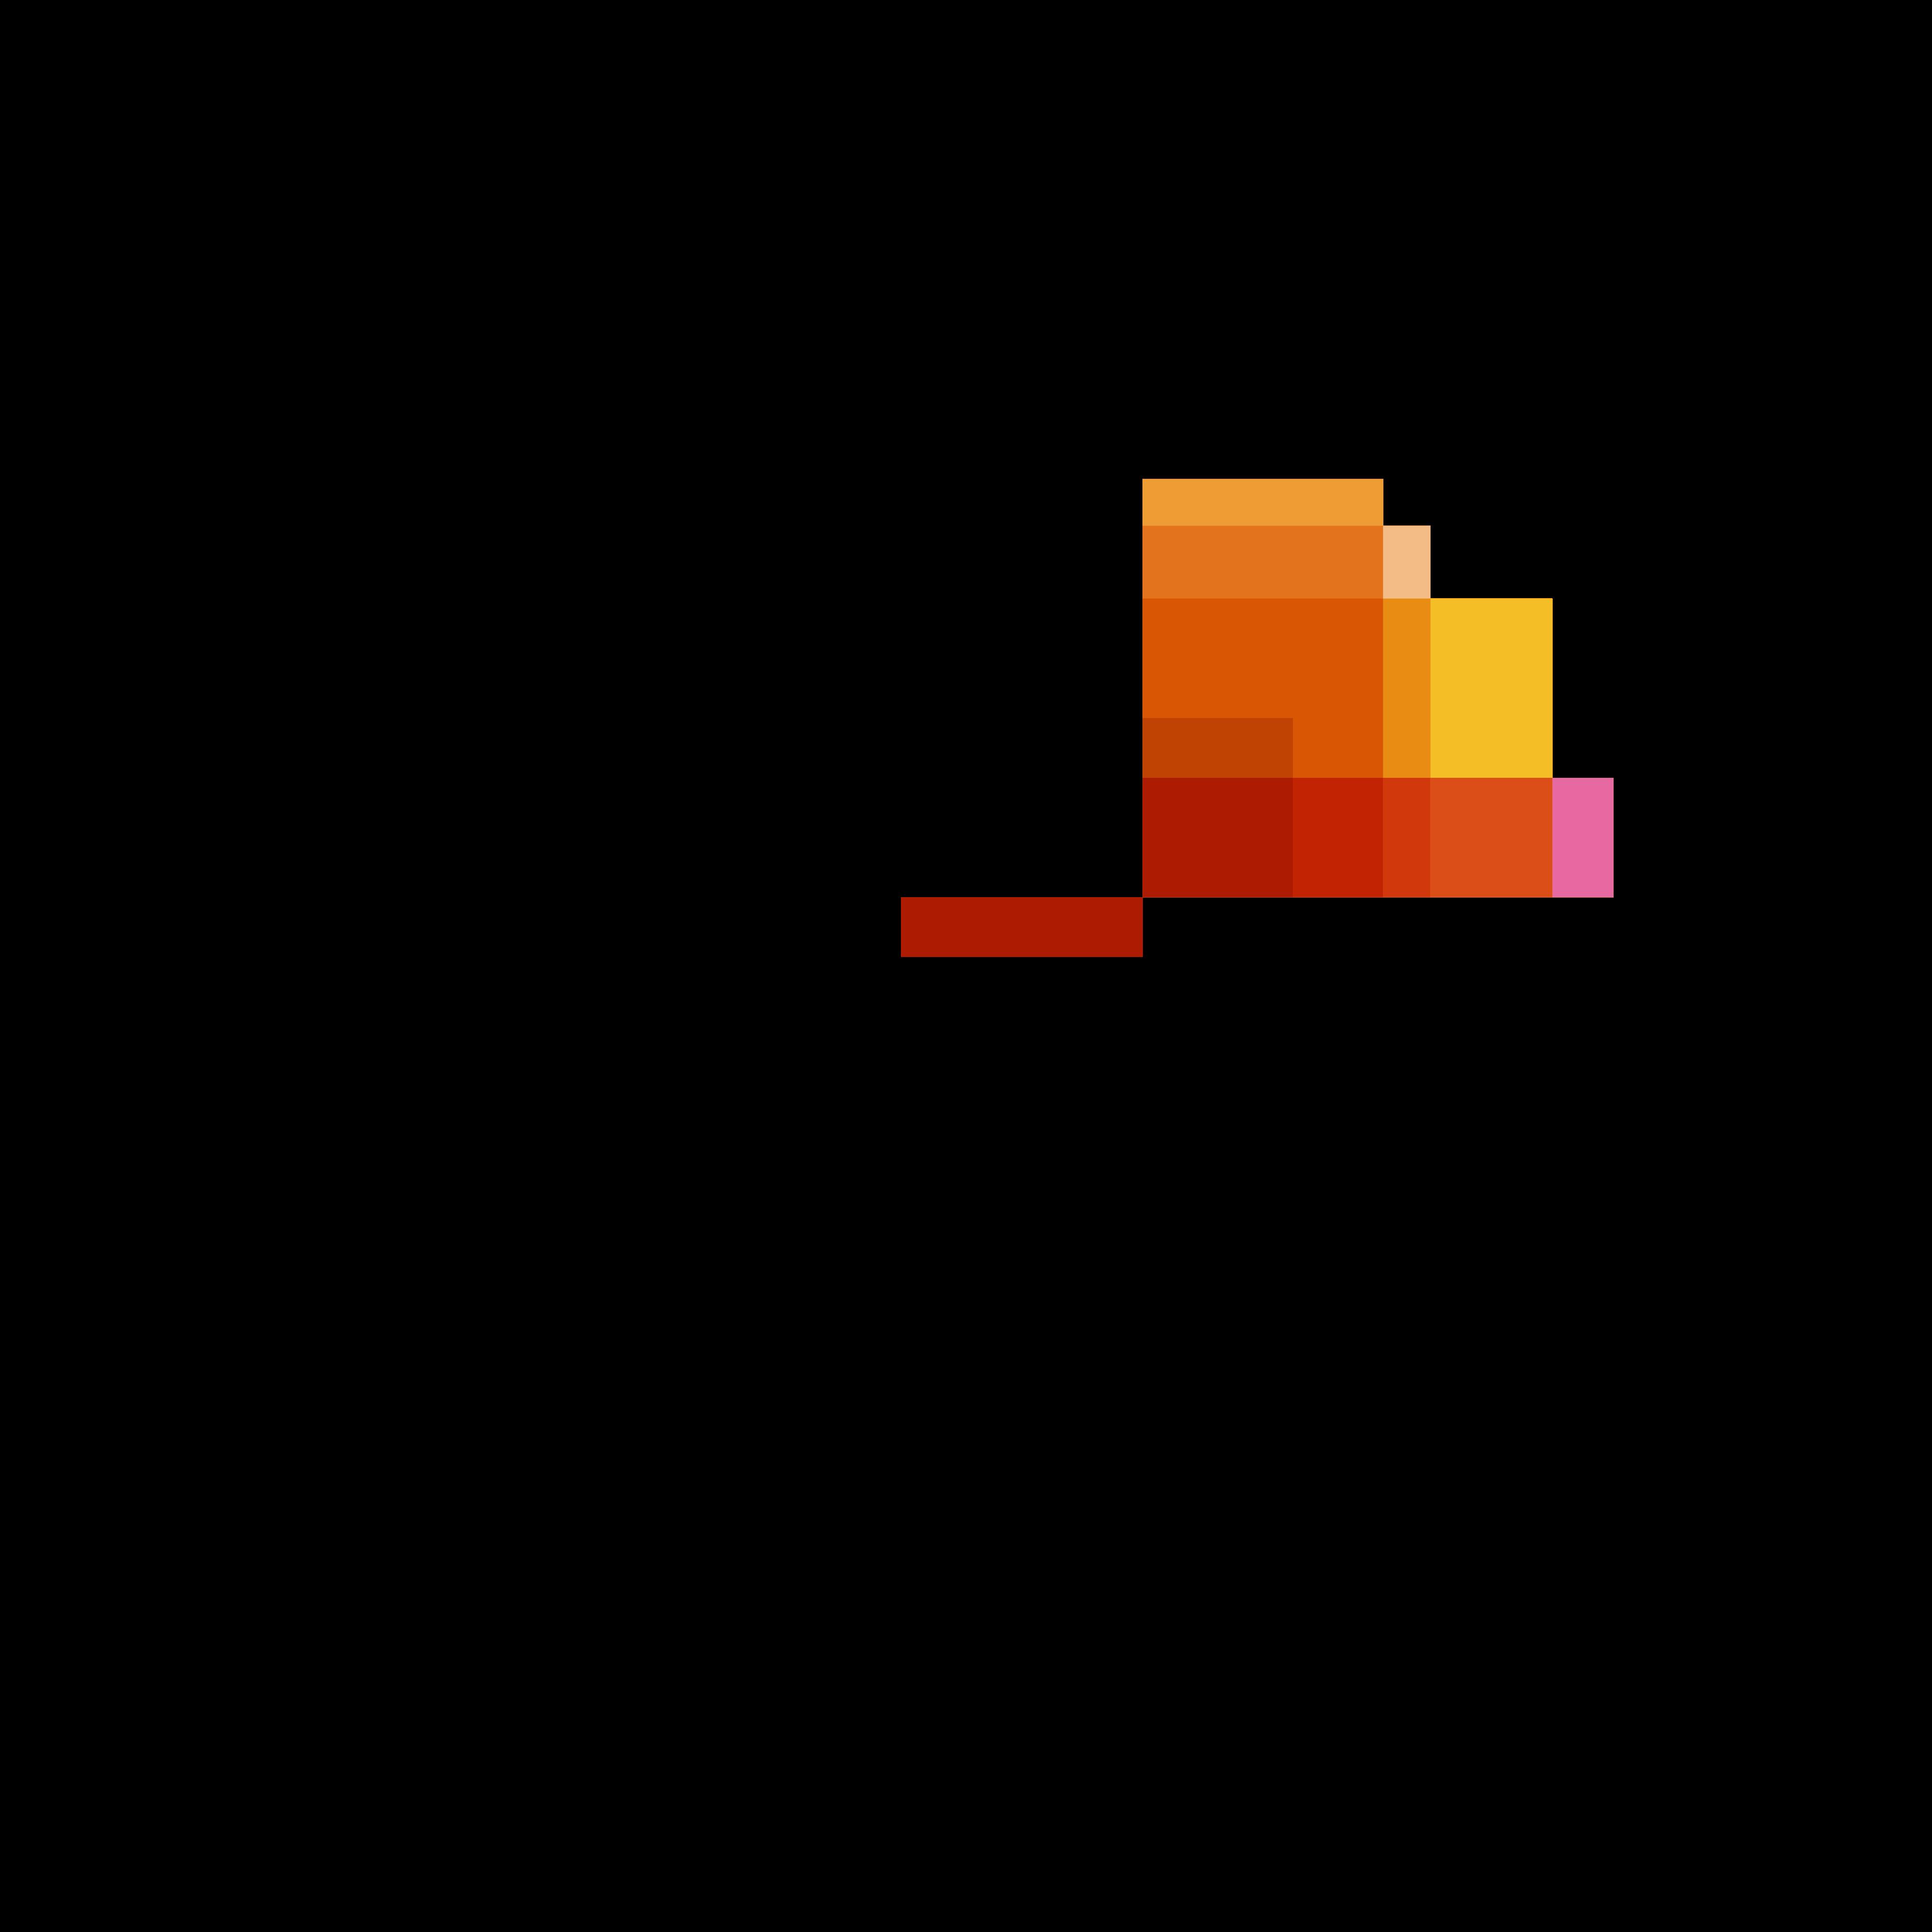 pwc logo 0 - PwC Logo